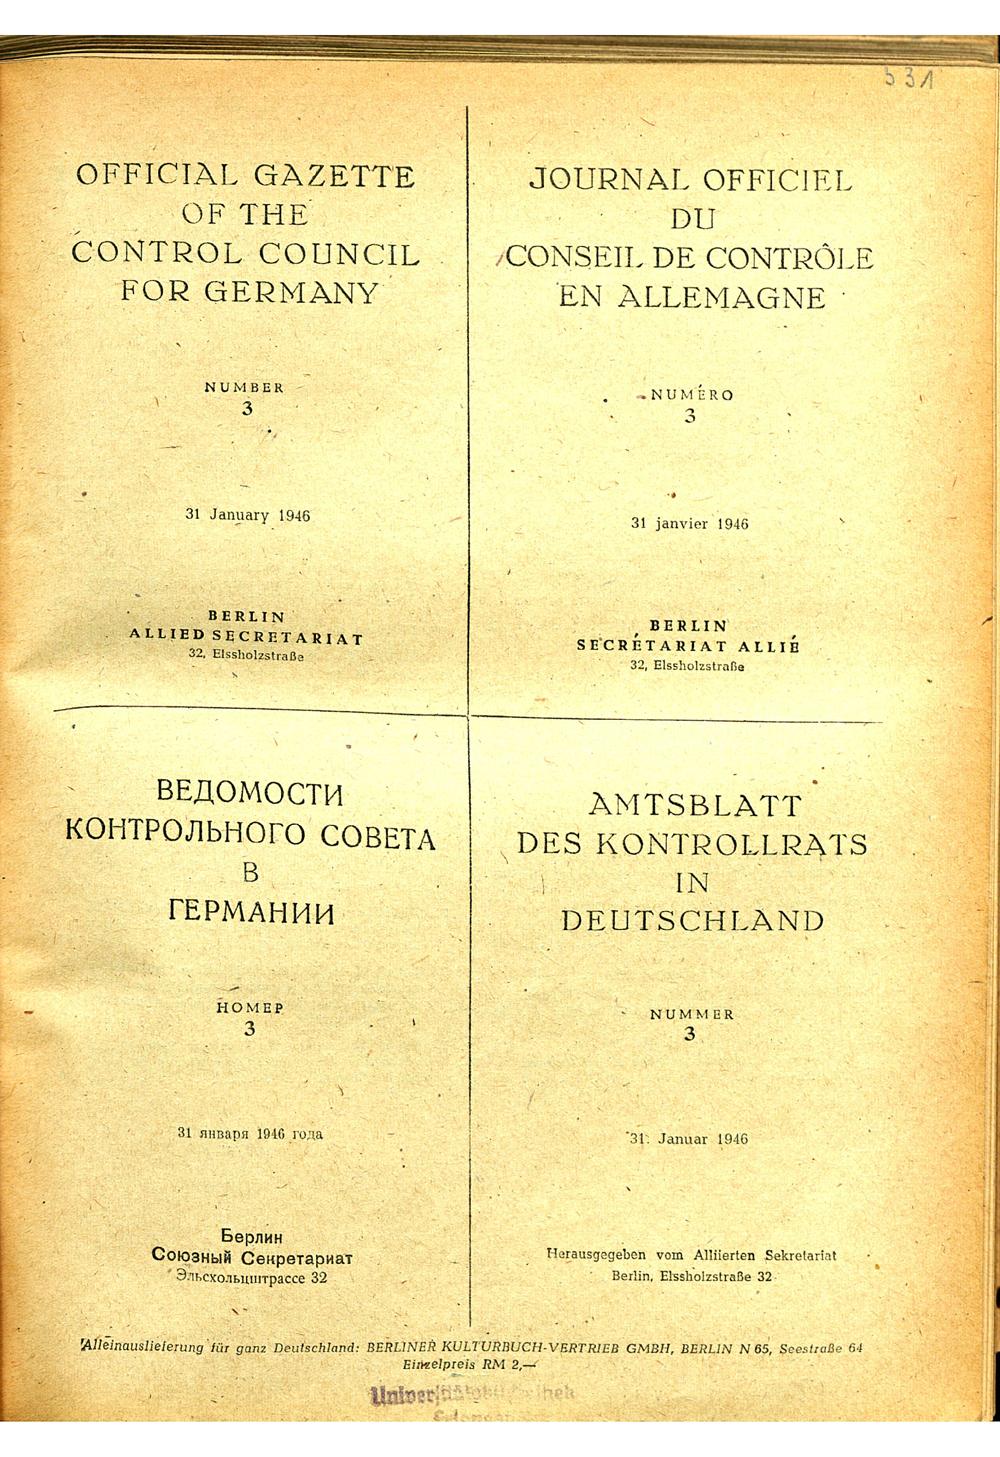 Zusammenfassung Gesetz Nr 10 Des Alliierten Kontrollrates In